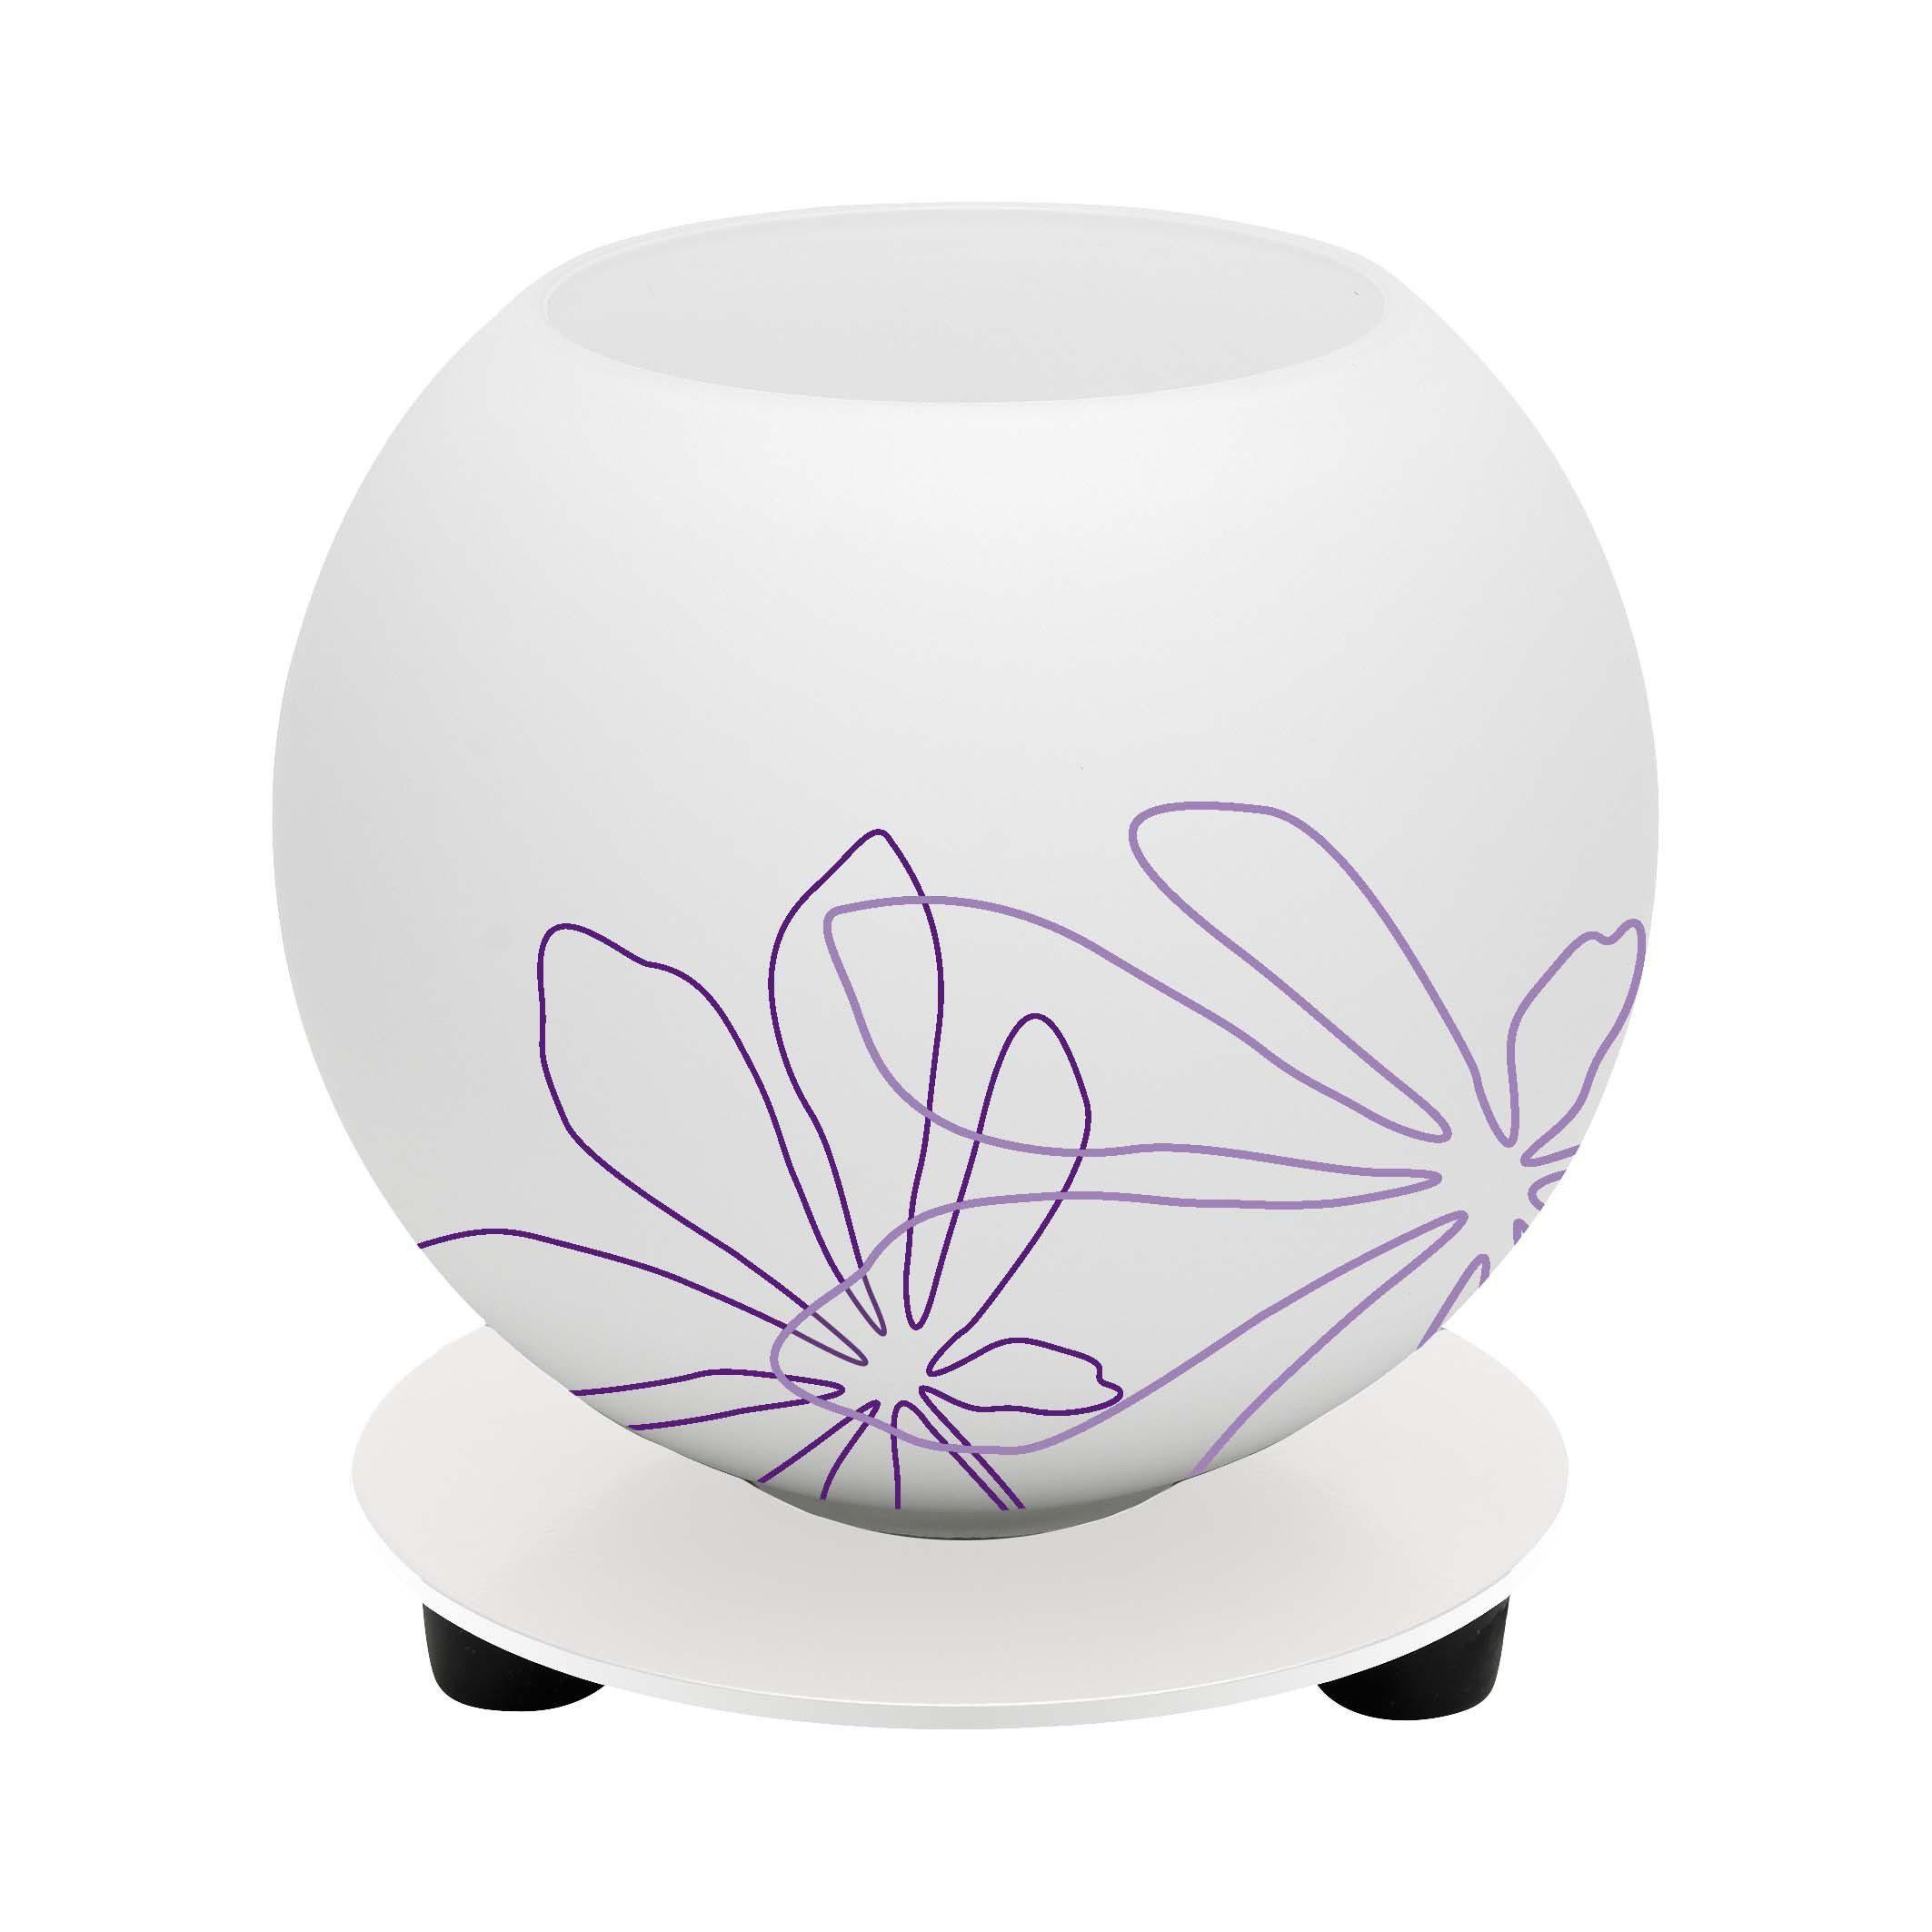 Brilliant Leuchten Pop Tischleuchte weiß/violett floral Deko